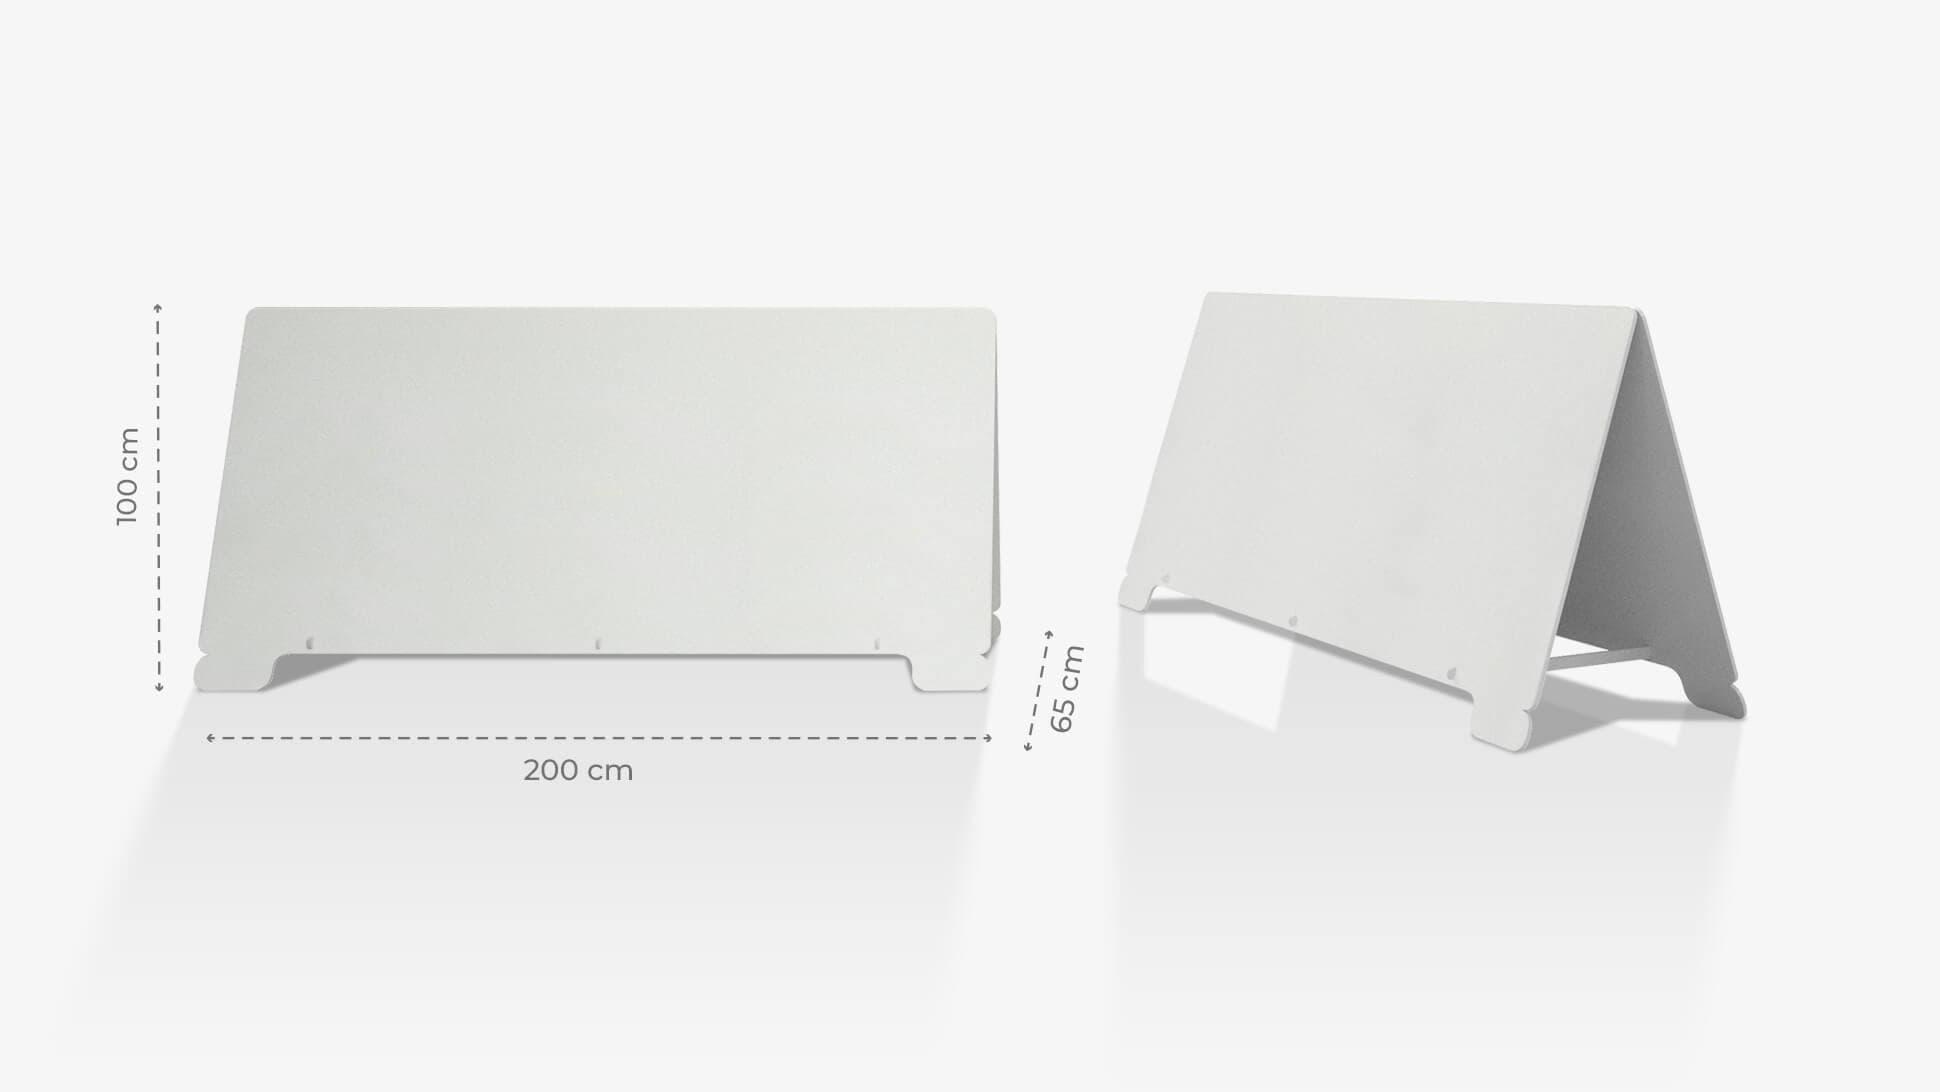 Cavalletto in polionda 100x200 cm personalizzabile | tictac.it